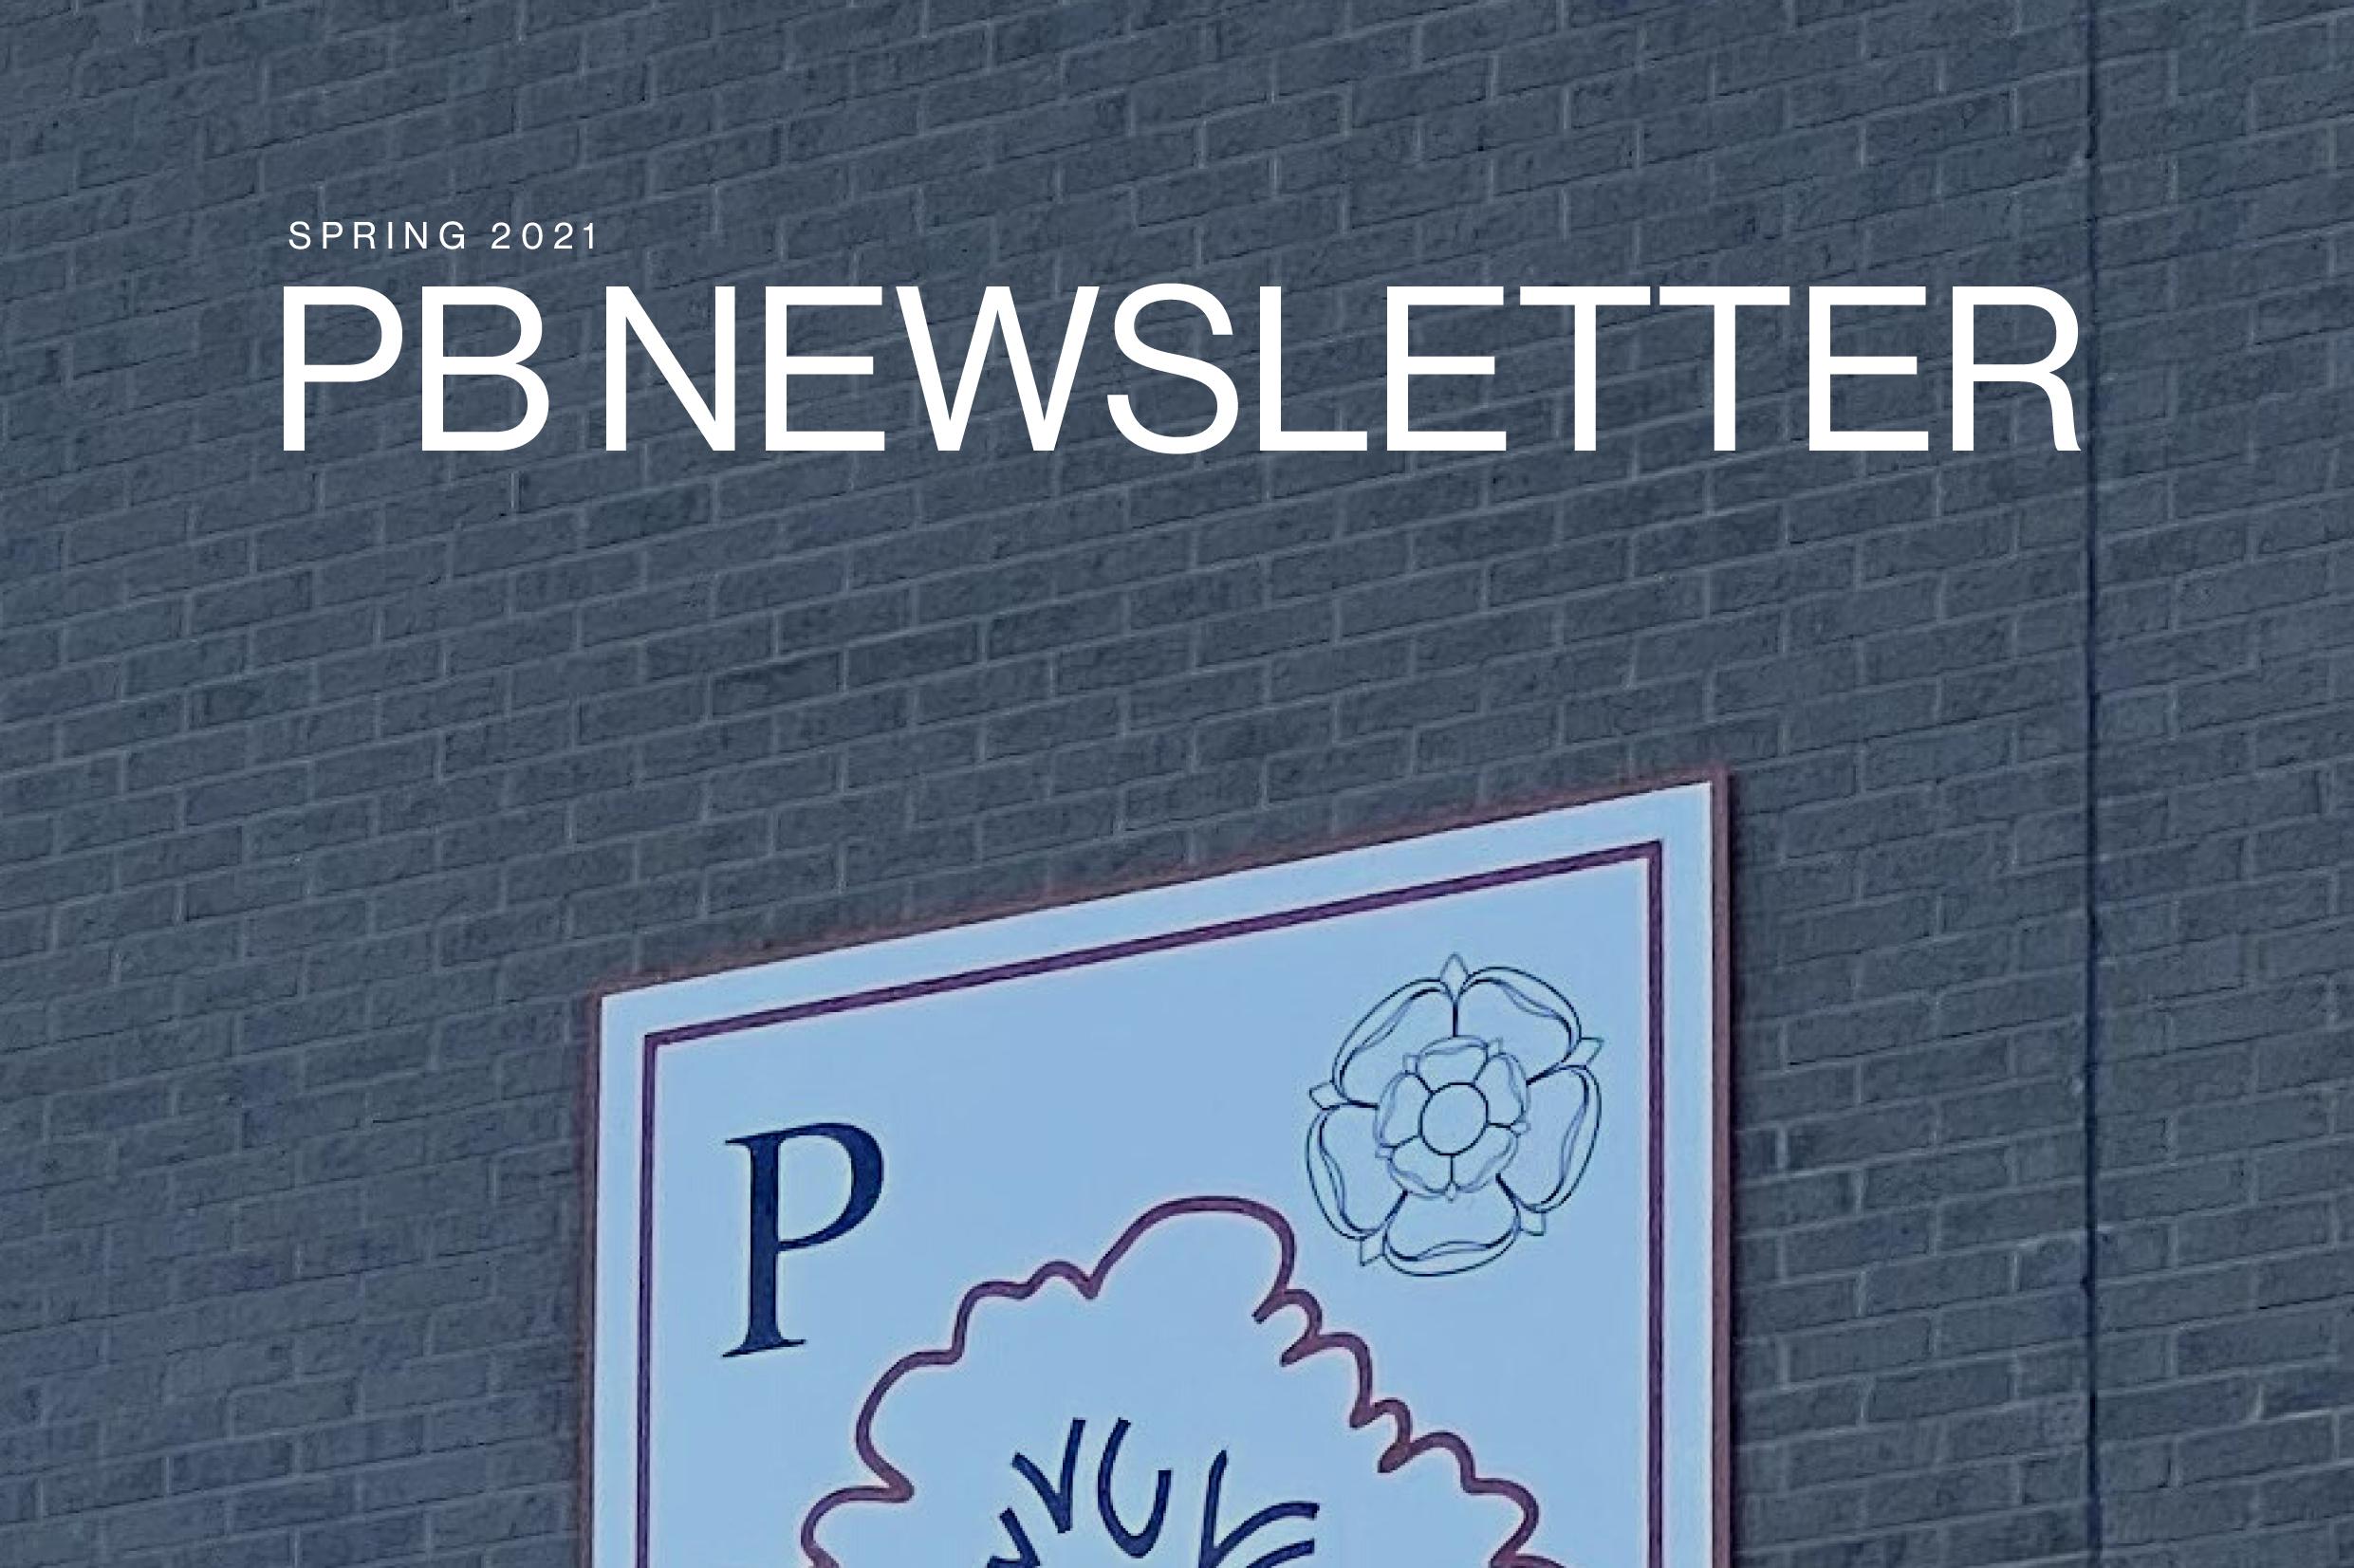 PB Newsletter Spring 2021